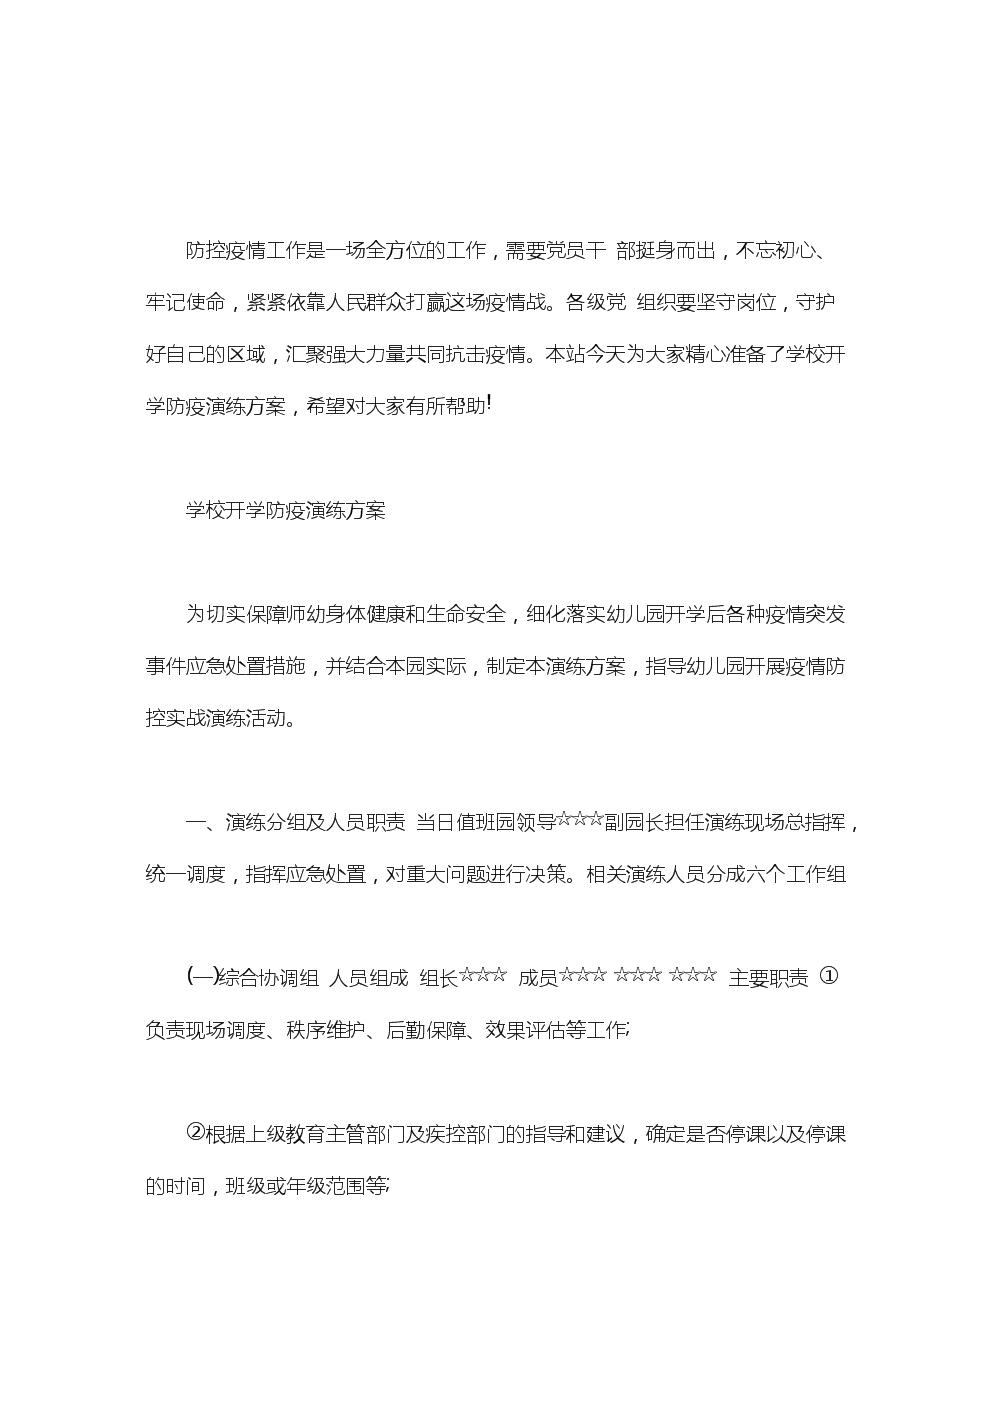 学校开学防疫演练方案3篇.doc